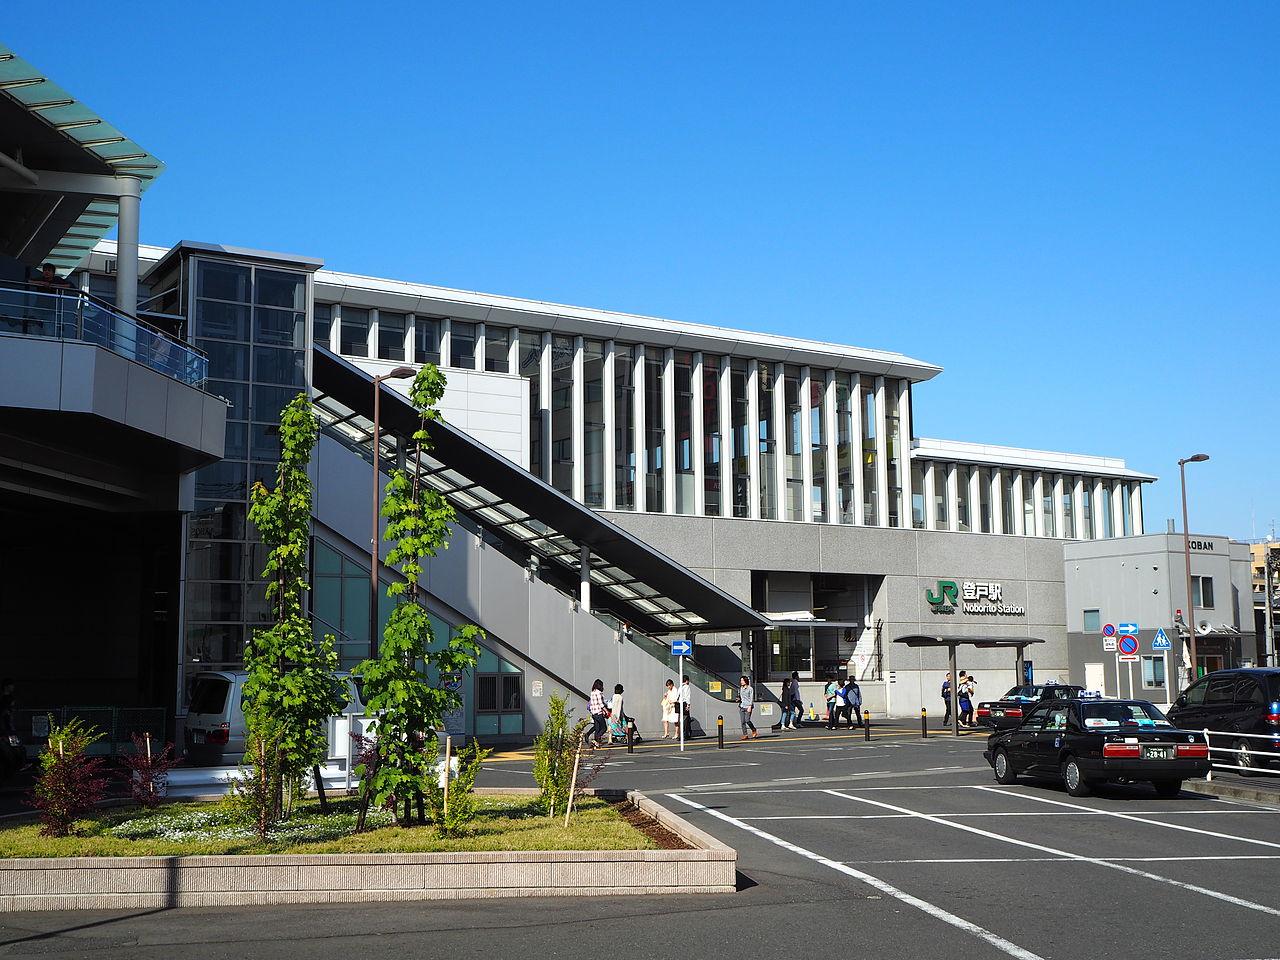 1280px-JR-Noborito-Sta-Ikutarokuchi